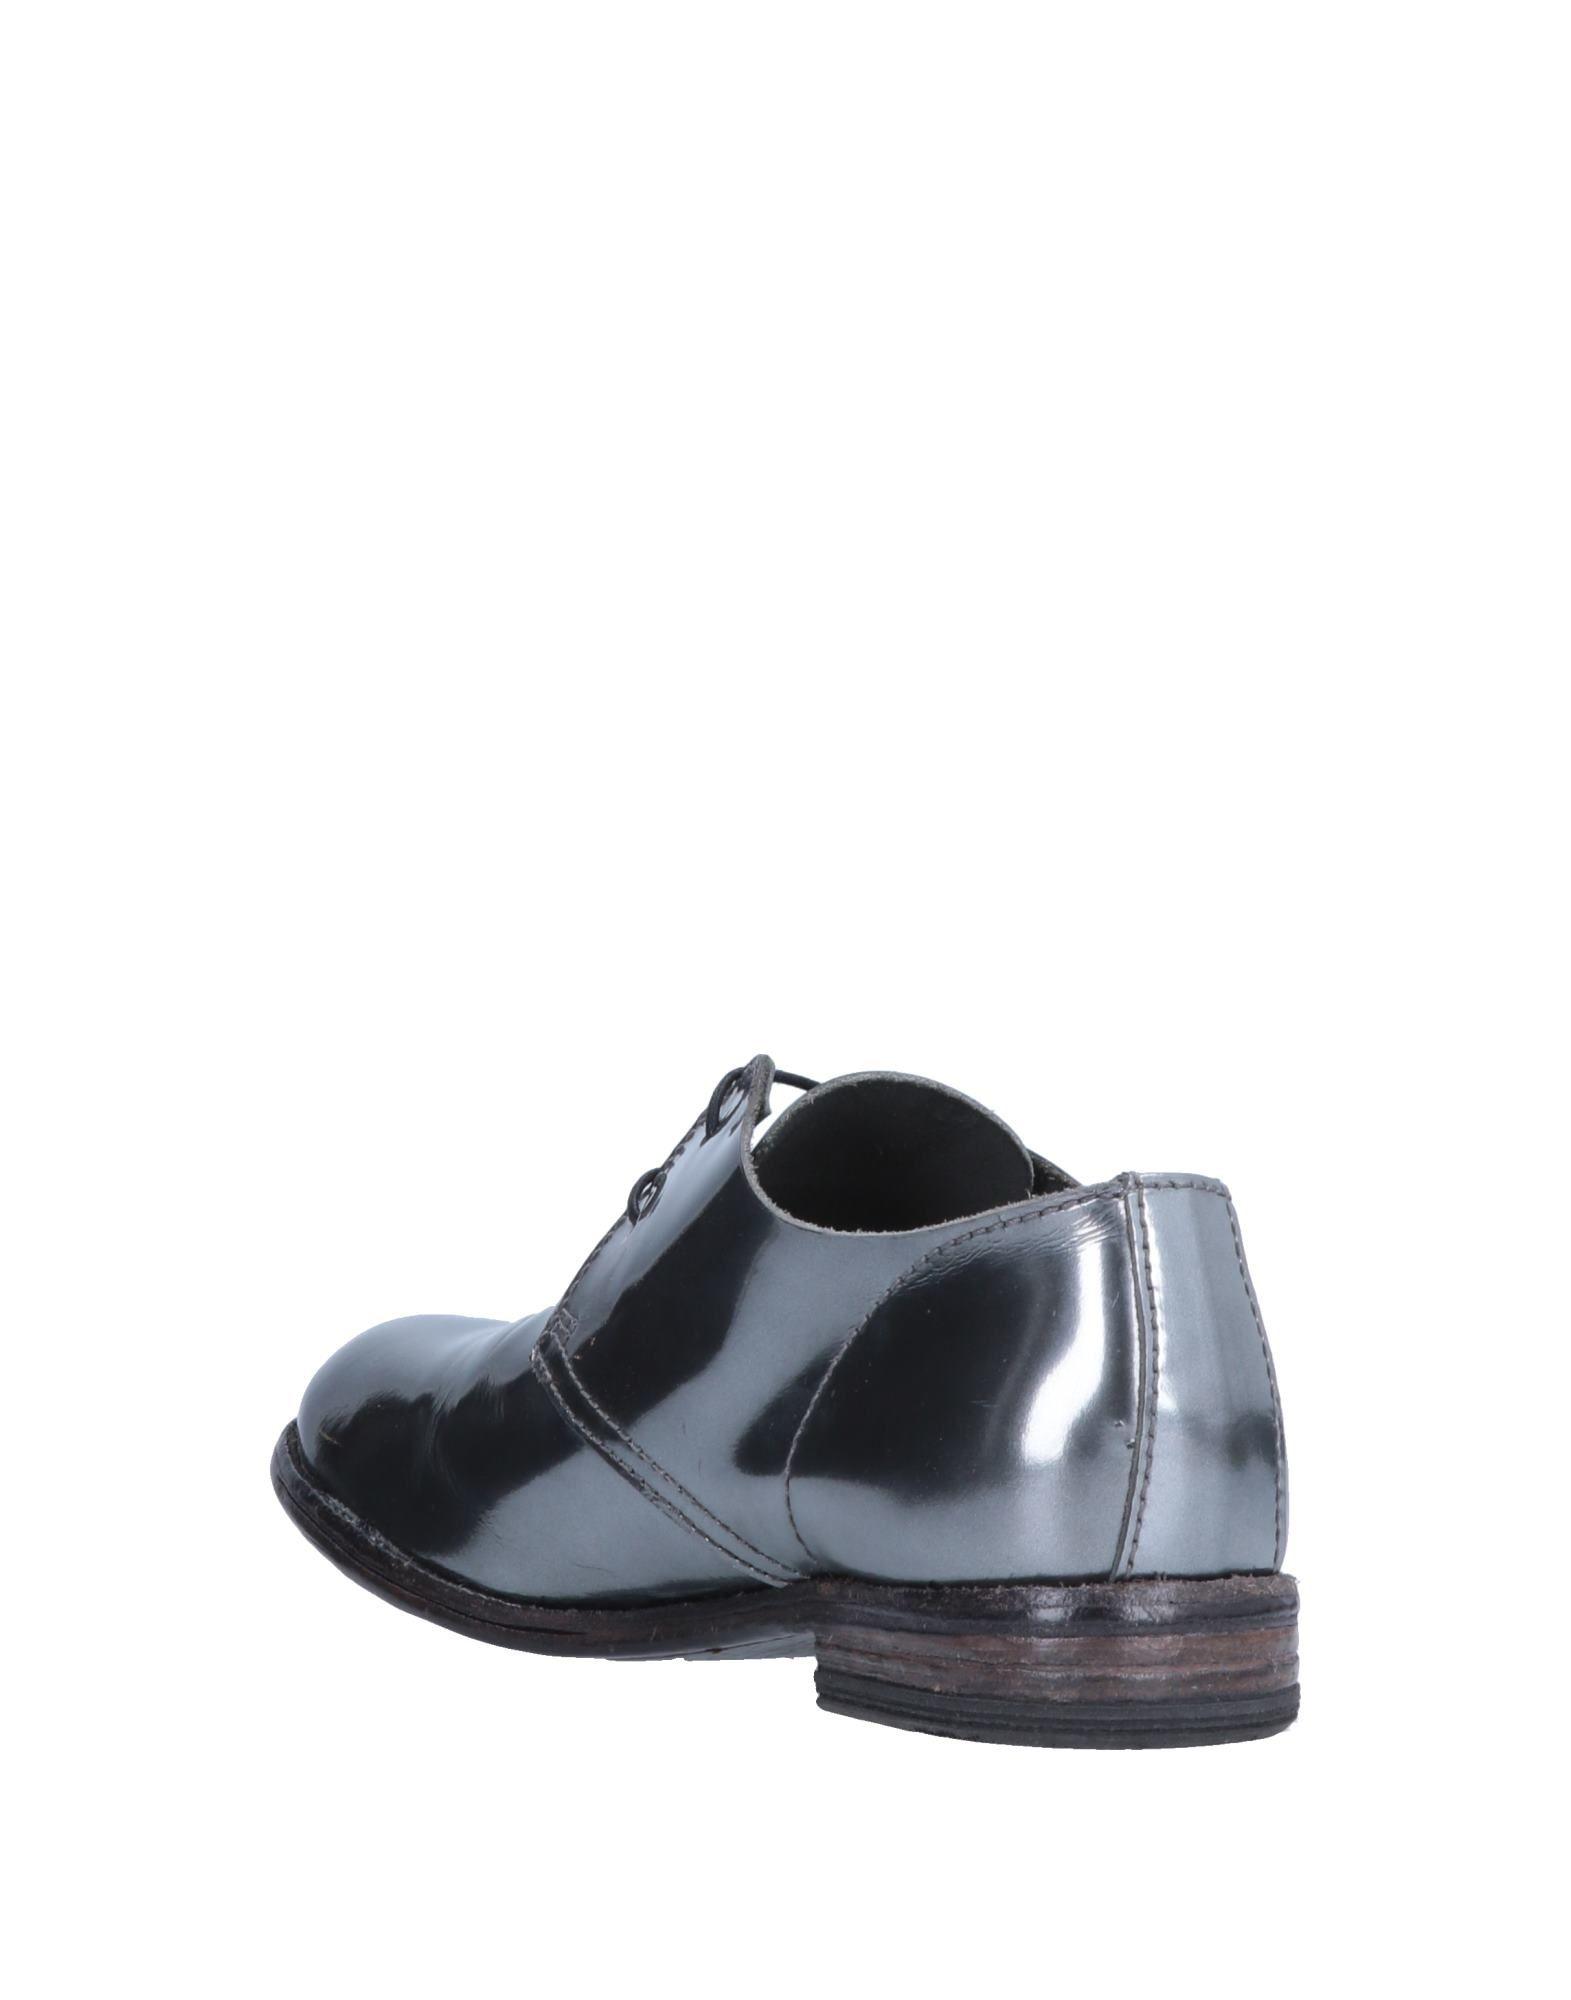 Moma Schnürschuhe strapazierfähige Damen  11546239CXGut aussehende strapazierfähige Schnürschuhe Schuhe e47a7b